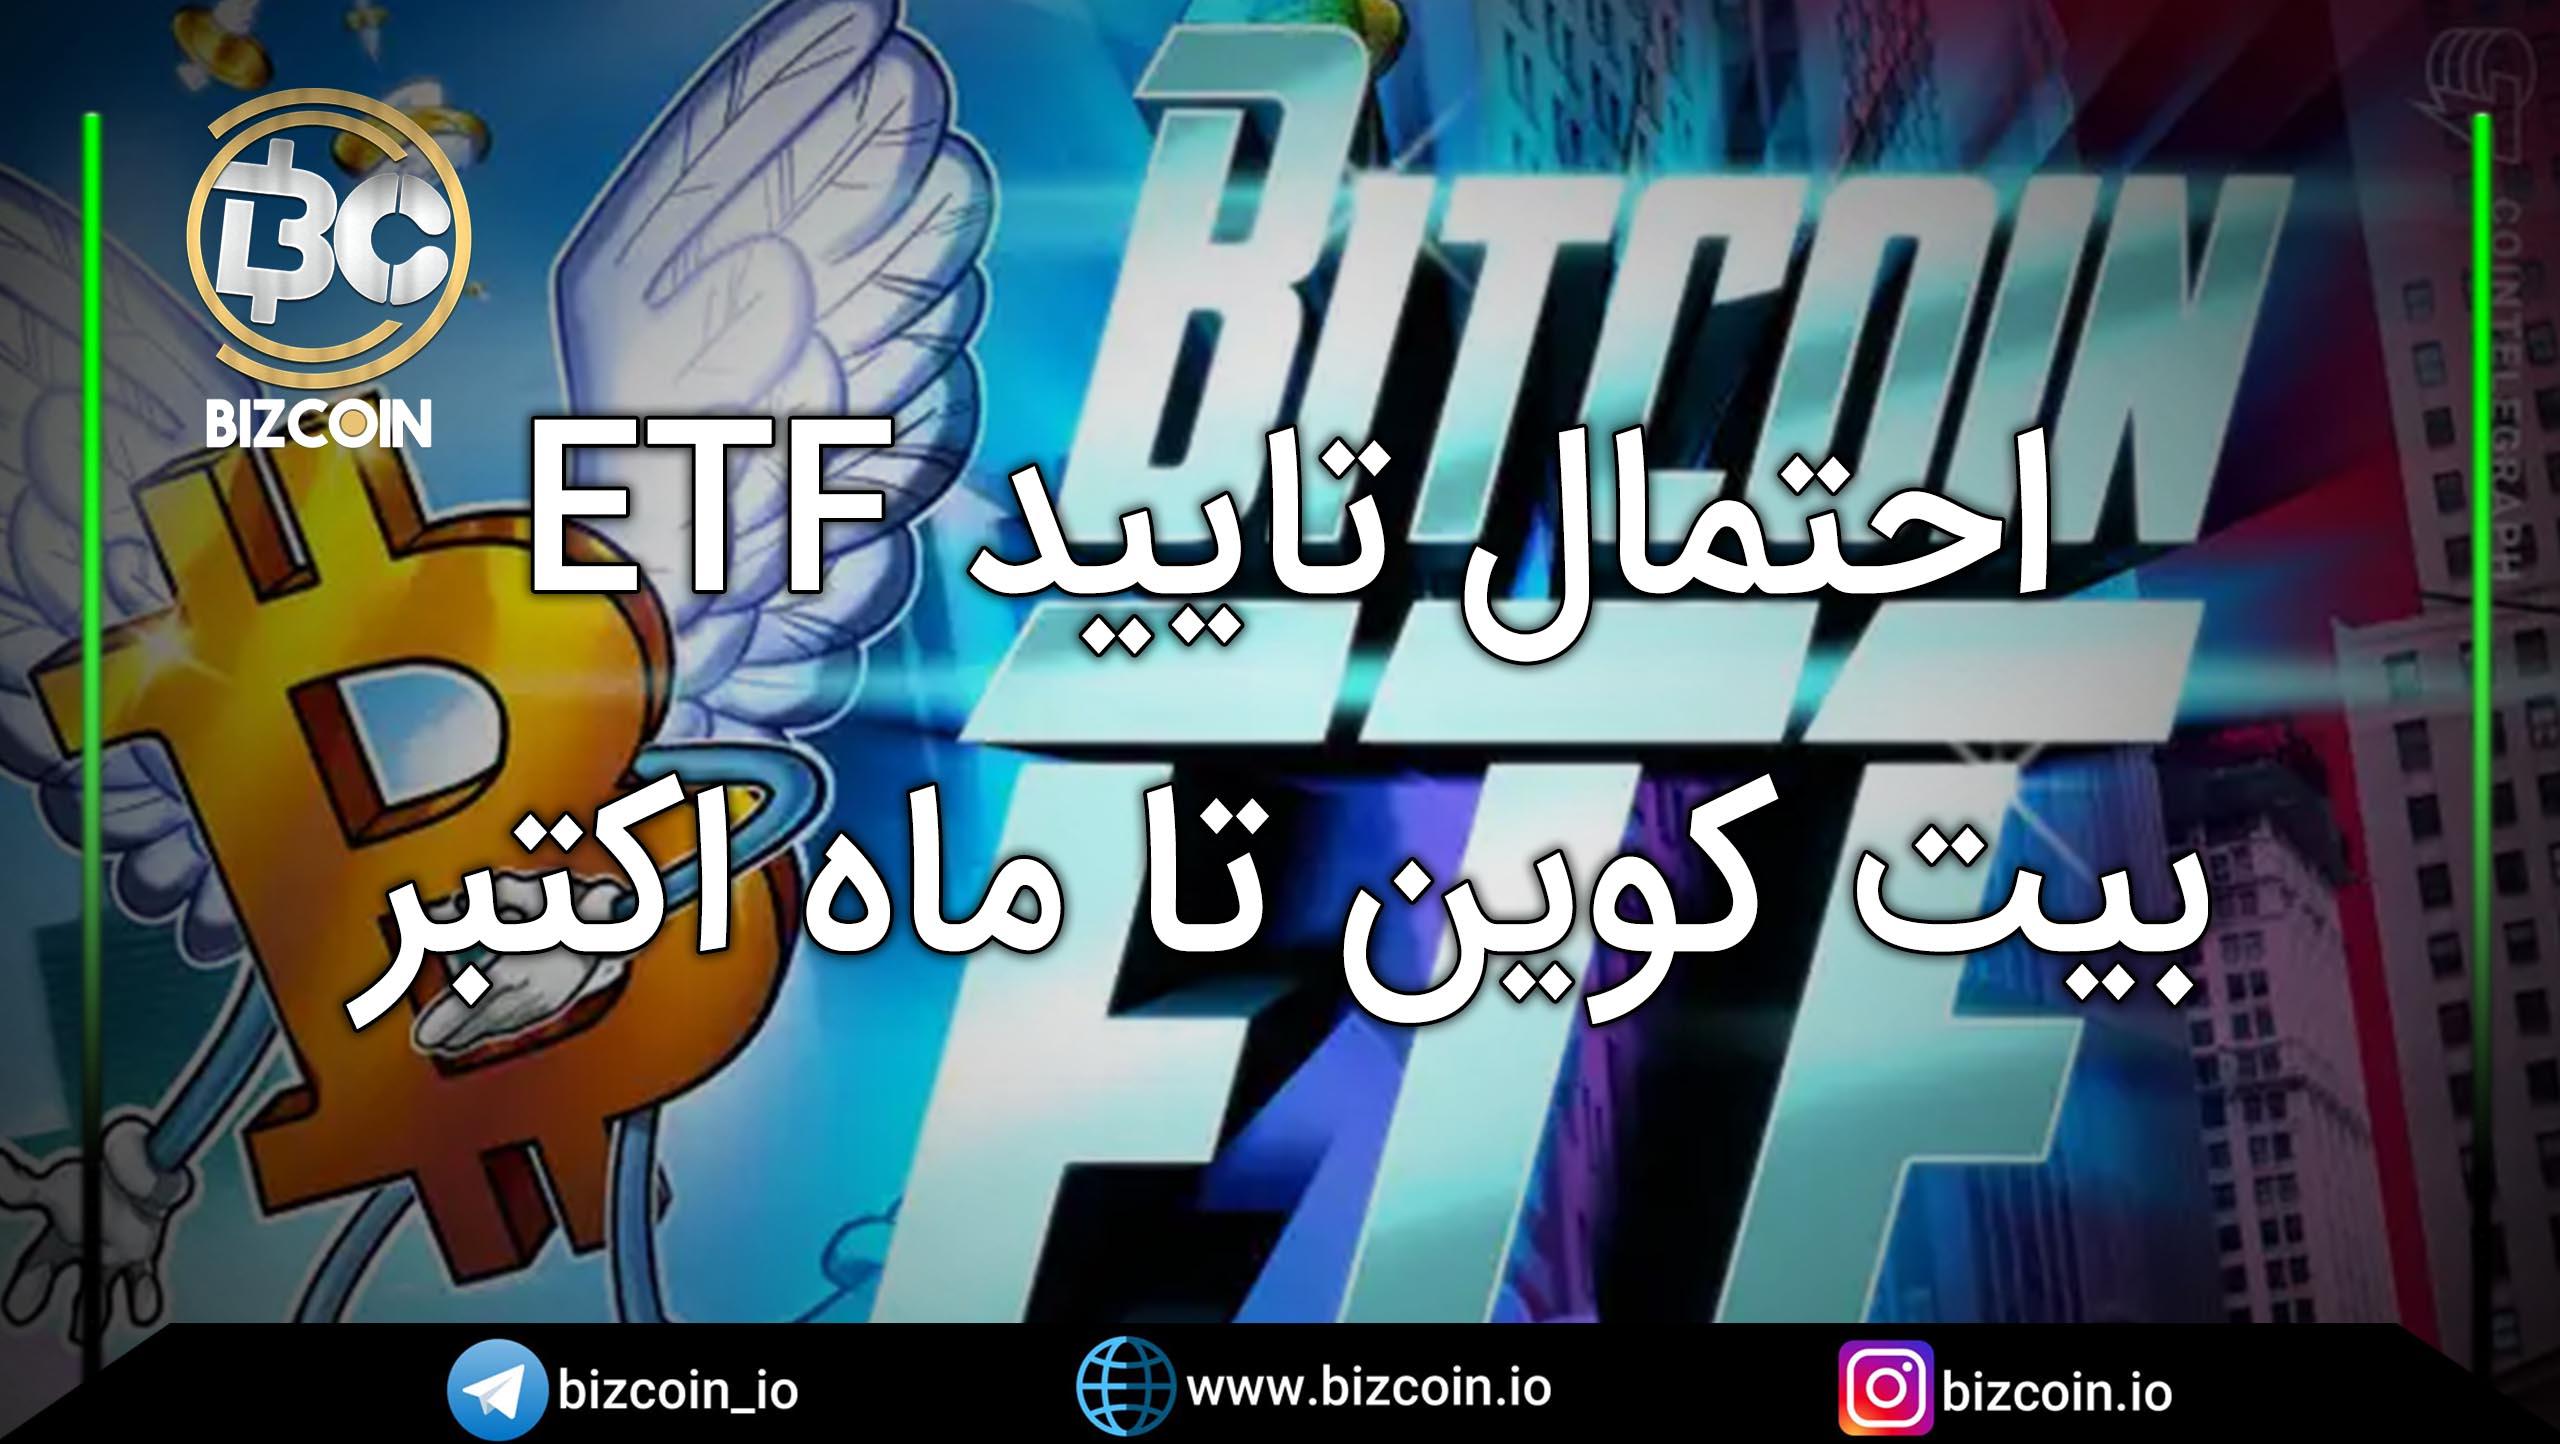 Bitcoin ETF likely to be approved by October احتمال تایید ETF بیت کوین تا ماه اکتبر